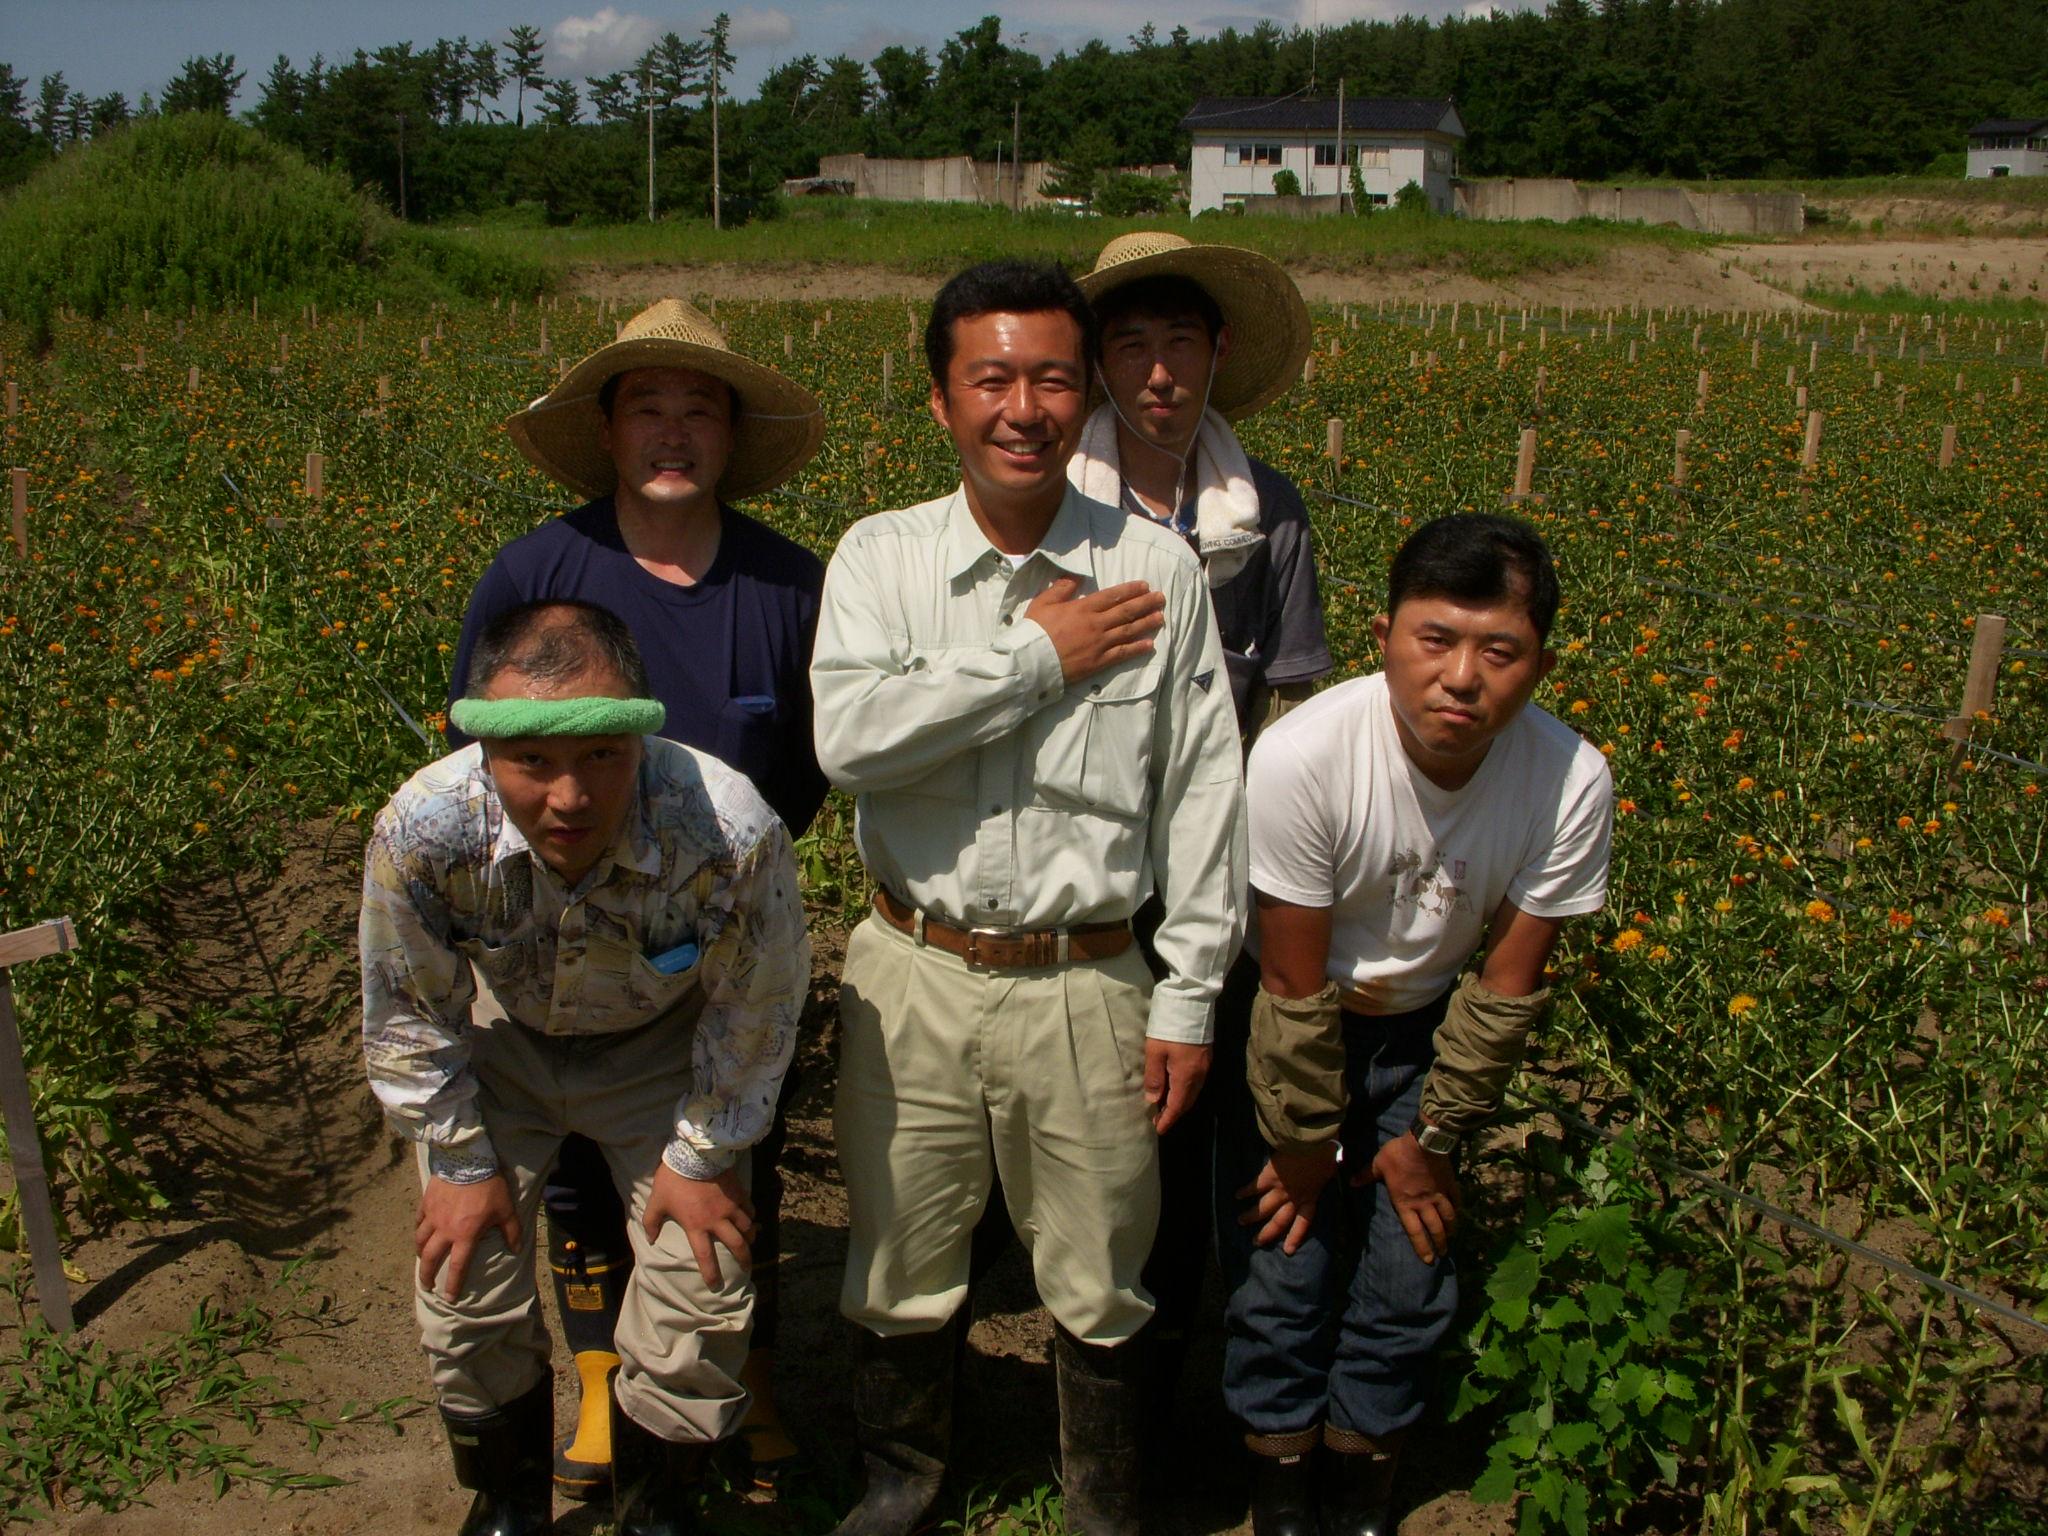 <2012出店者情報>㈱エルデック、農業生産法人㈱みどり農園